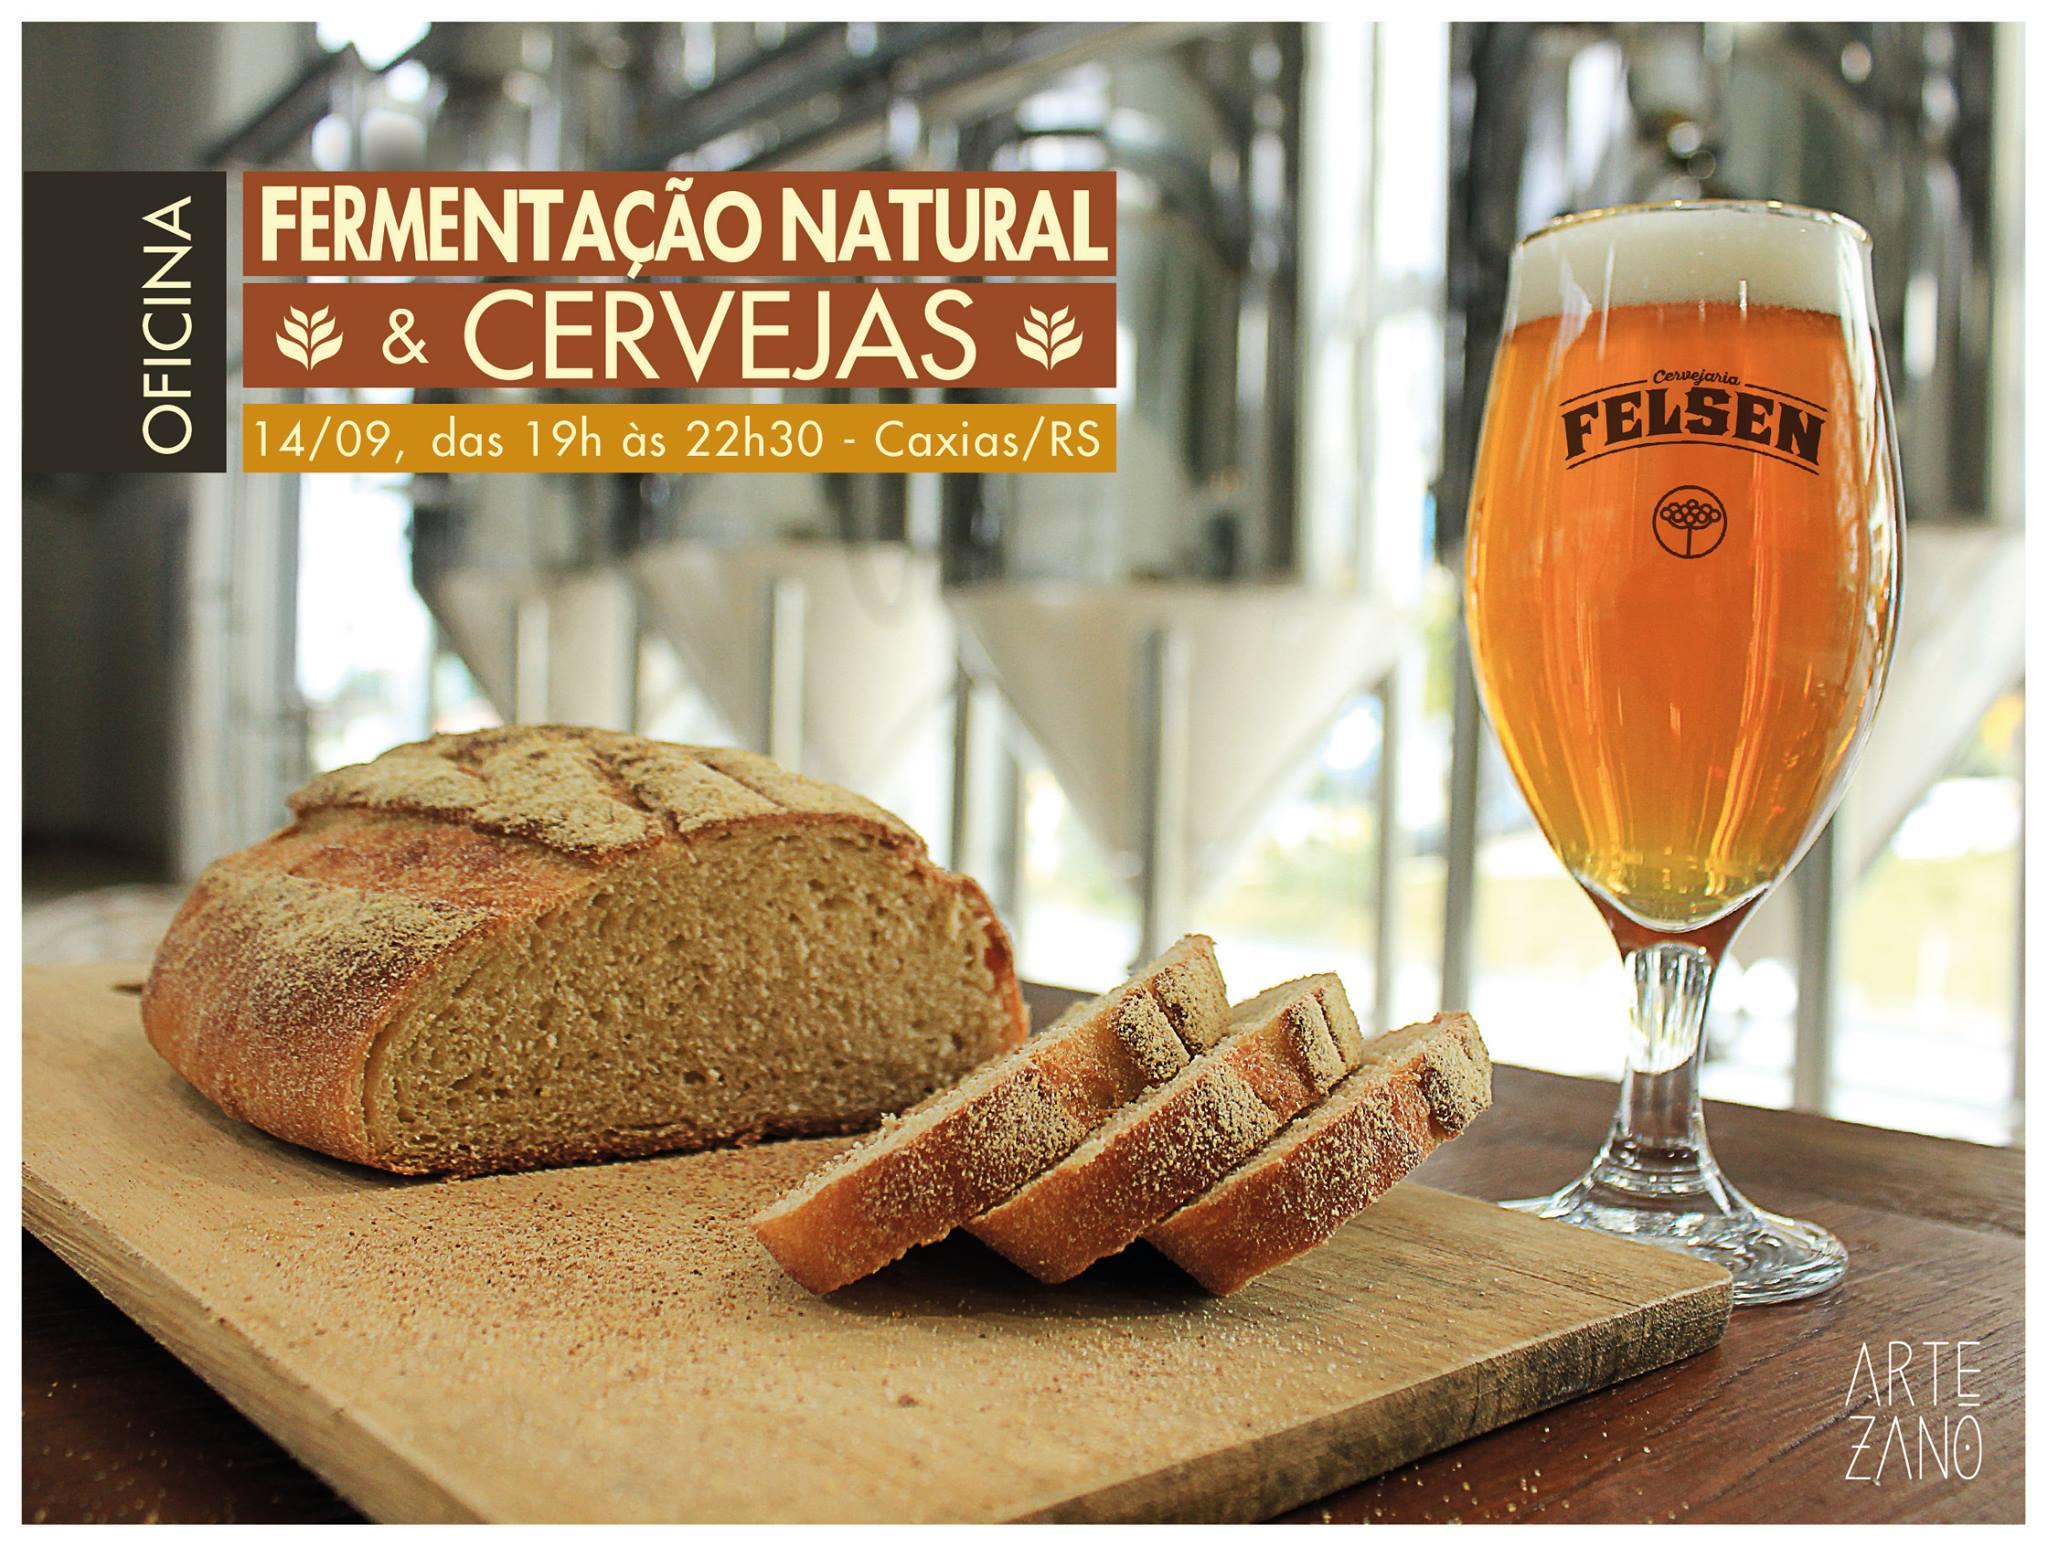 oficina-de-fermentação-natural